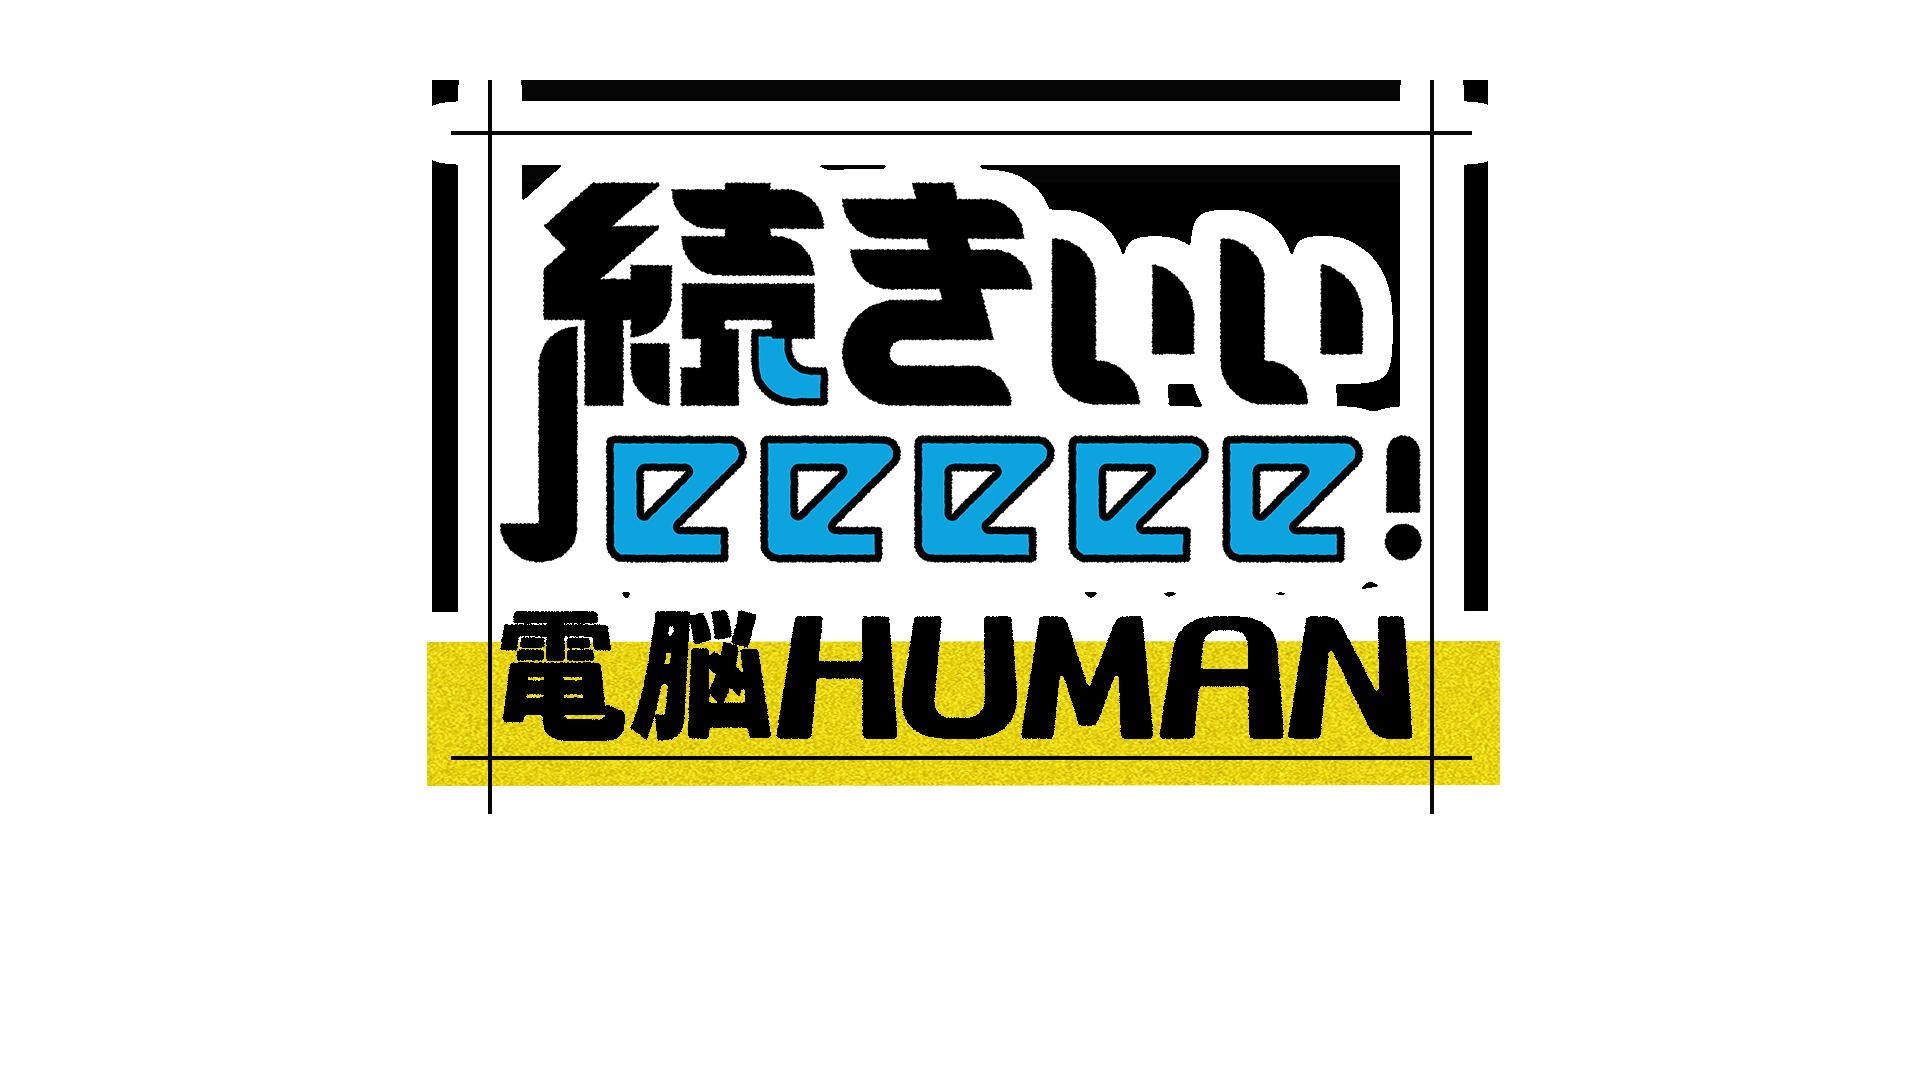 10月28日(日)22:48 O.A. <br>テレビ東京「続きぃぃeeeee!電脳HUMAN  」初回スタート!